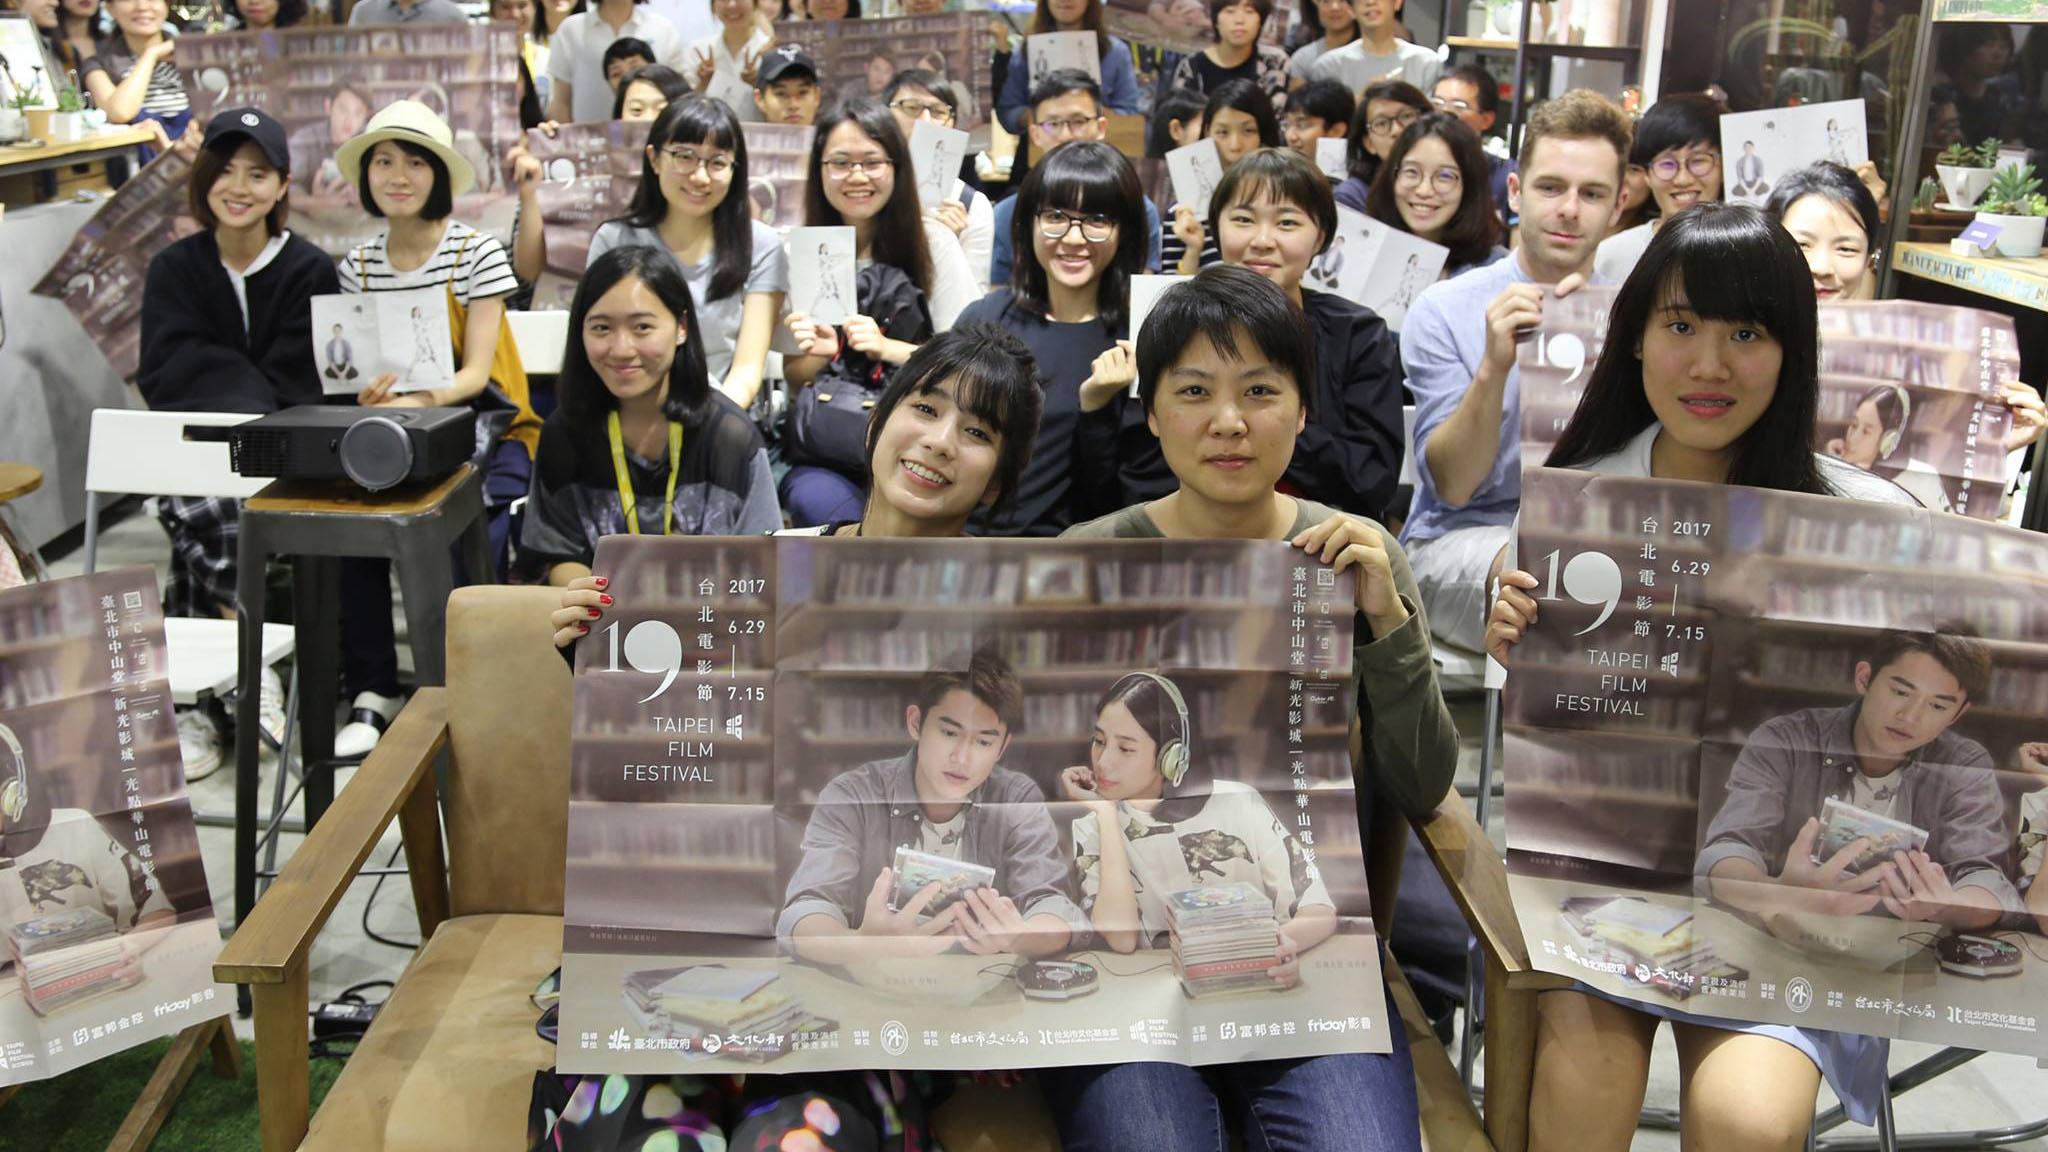 台北電影節活動